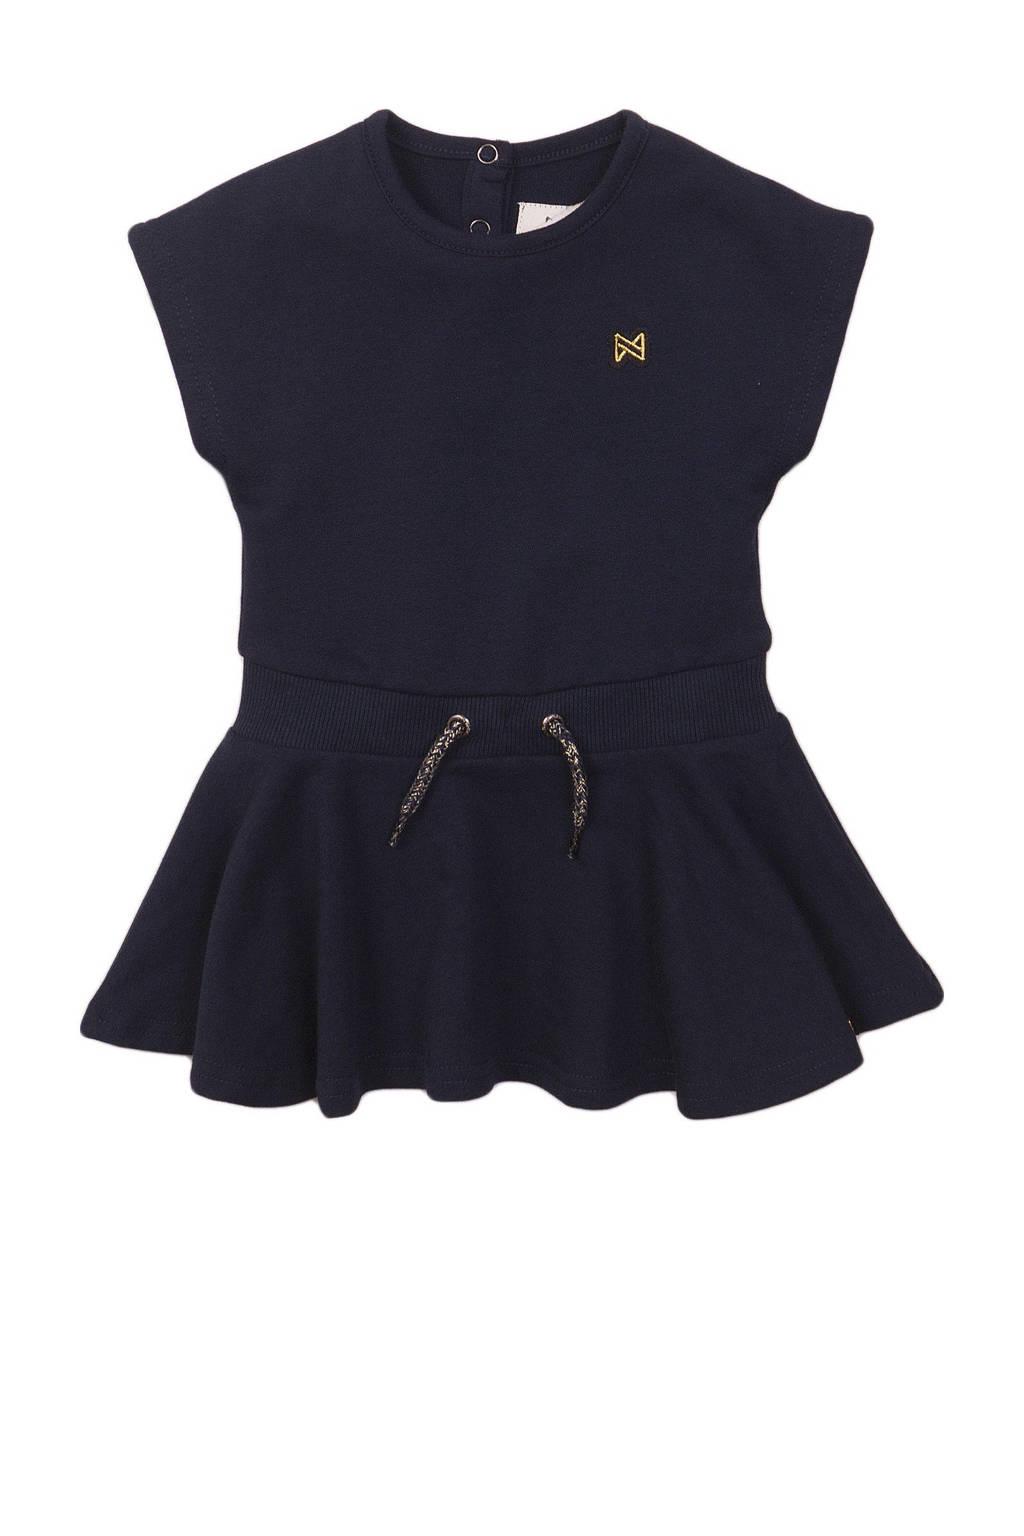 Koko Noko jurk donkerblauw, Donkerblauw